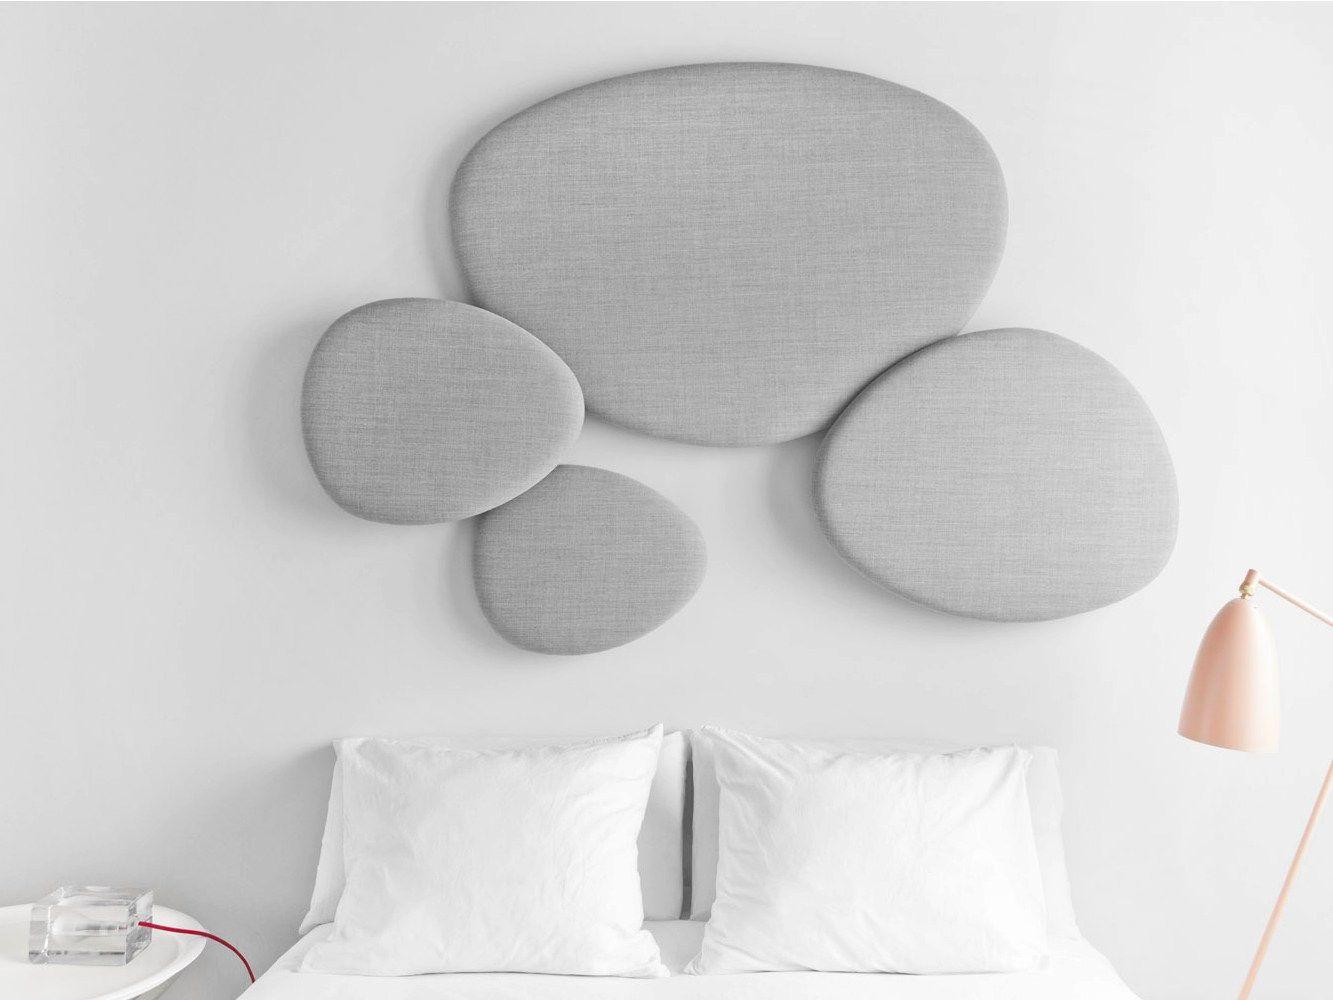 panneaux acoustiques d coratifs en tissu satellite by stua design jes s gasca. Black Bedroom Furniture Sets. Home Design Ideas